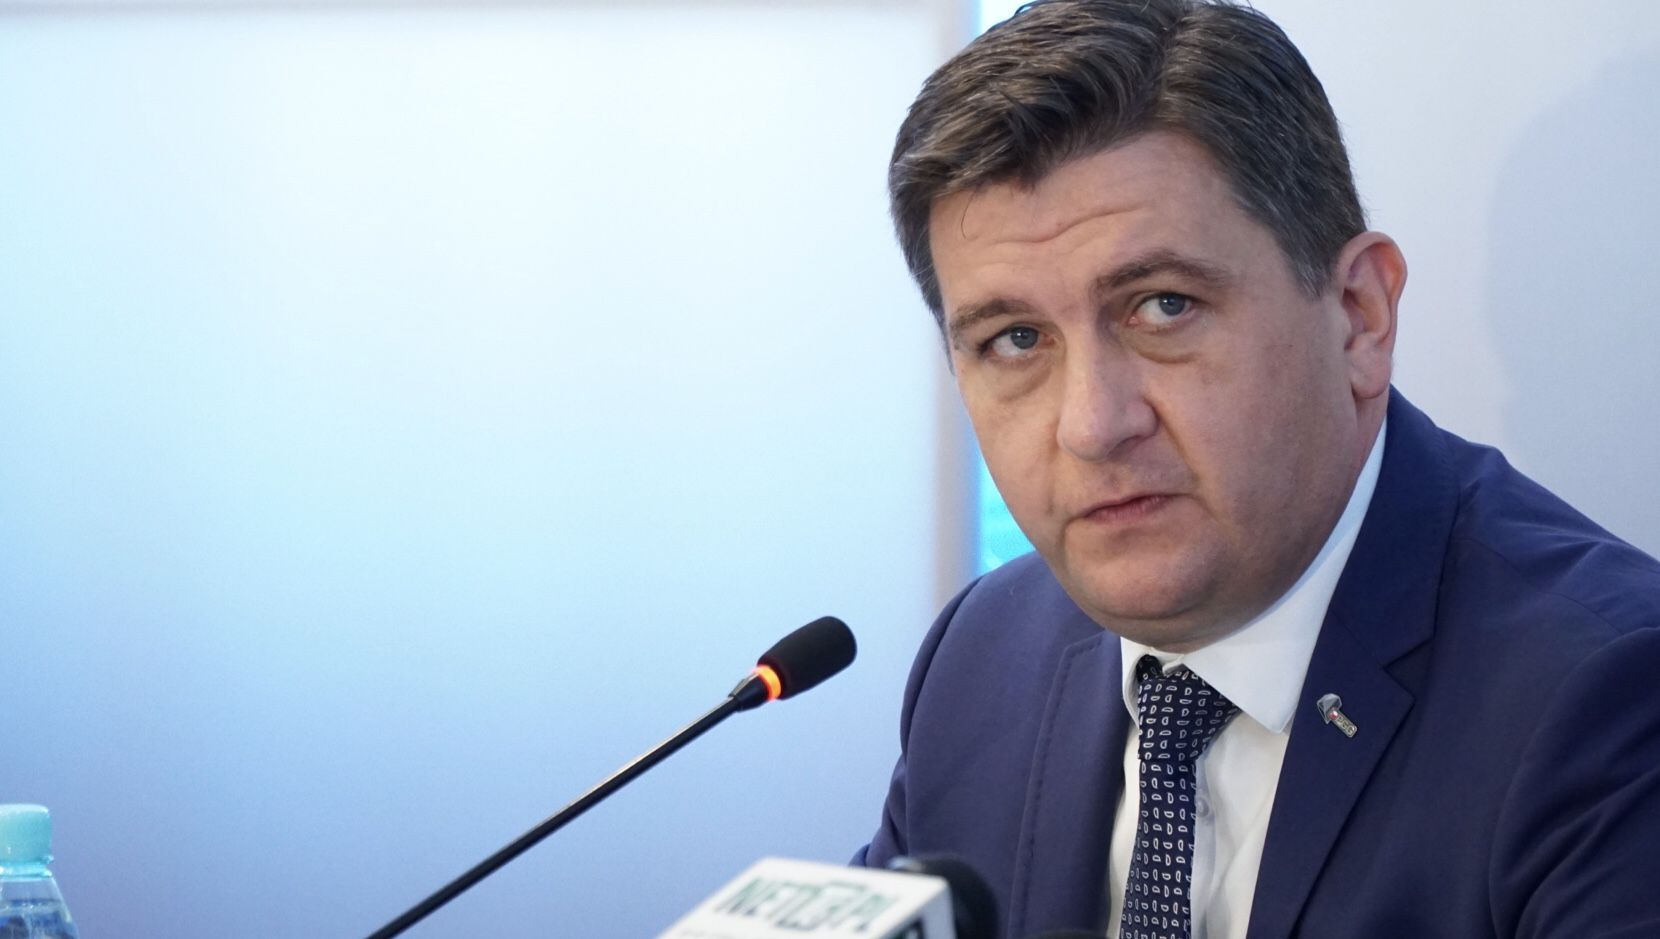 Prezes PGG Tomasz Rogala celuje w roczne wydobycie węgla w wysokości 30,5 mln ton (fot. PTWP / Andrzej Wawok)